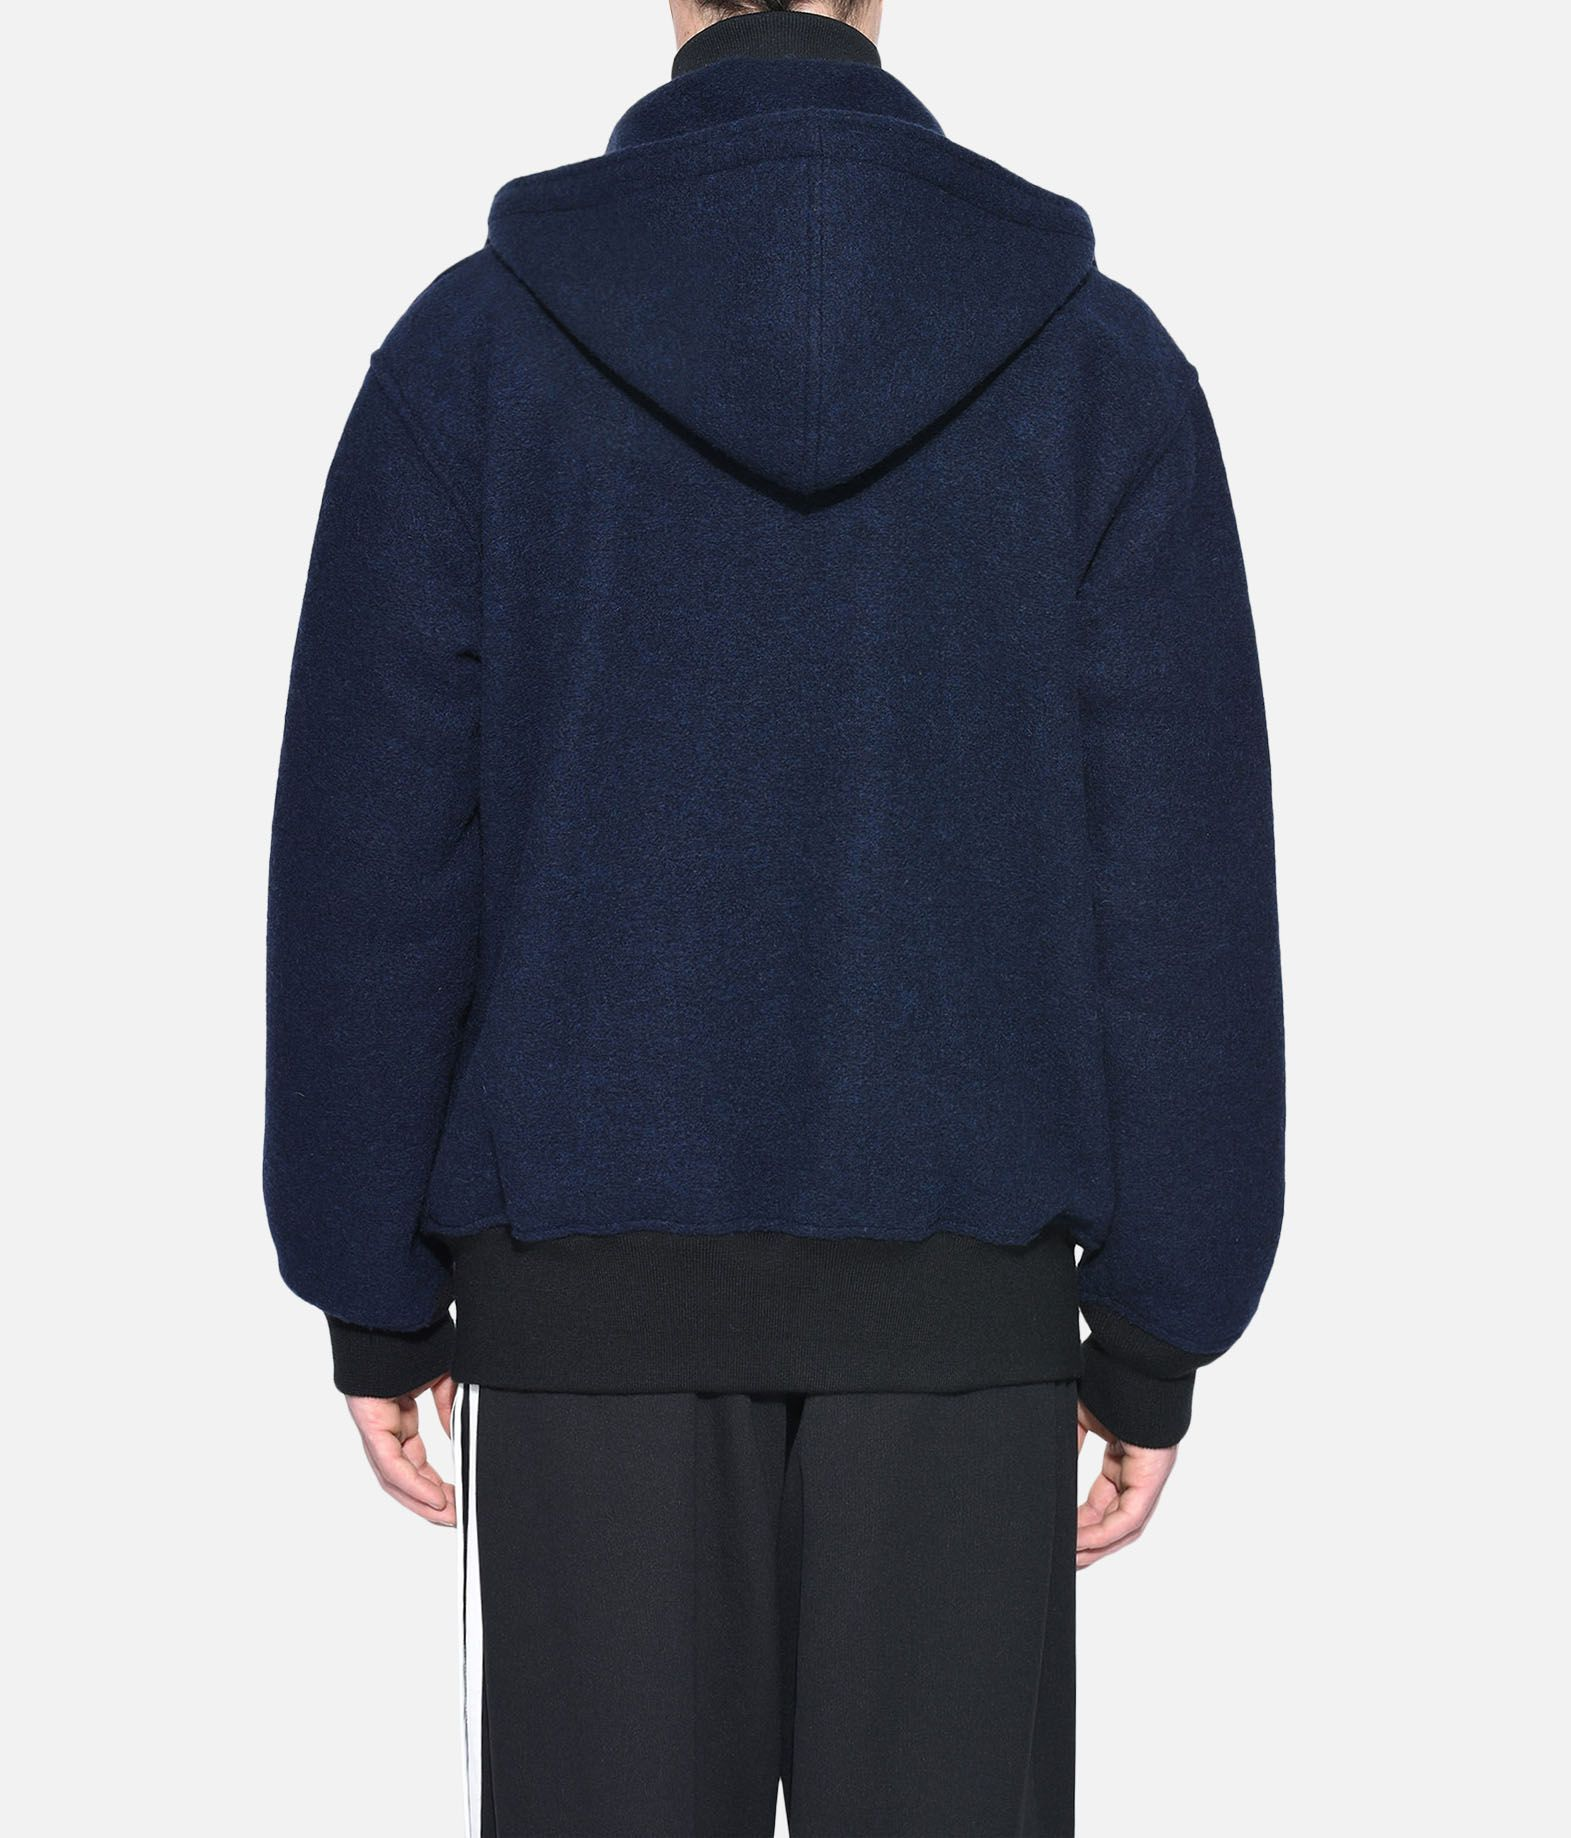 Y-3 Y-3 Wool Jacket フォーマルジャケット メンズ d